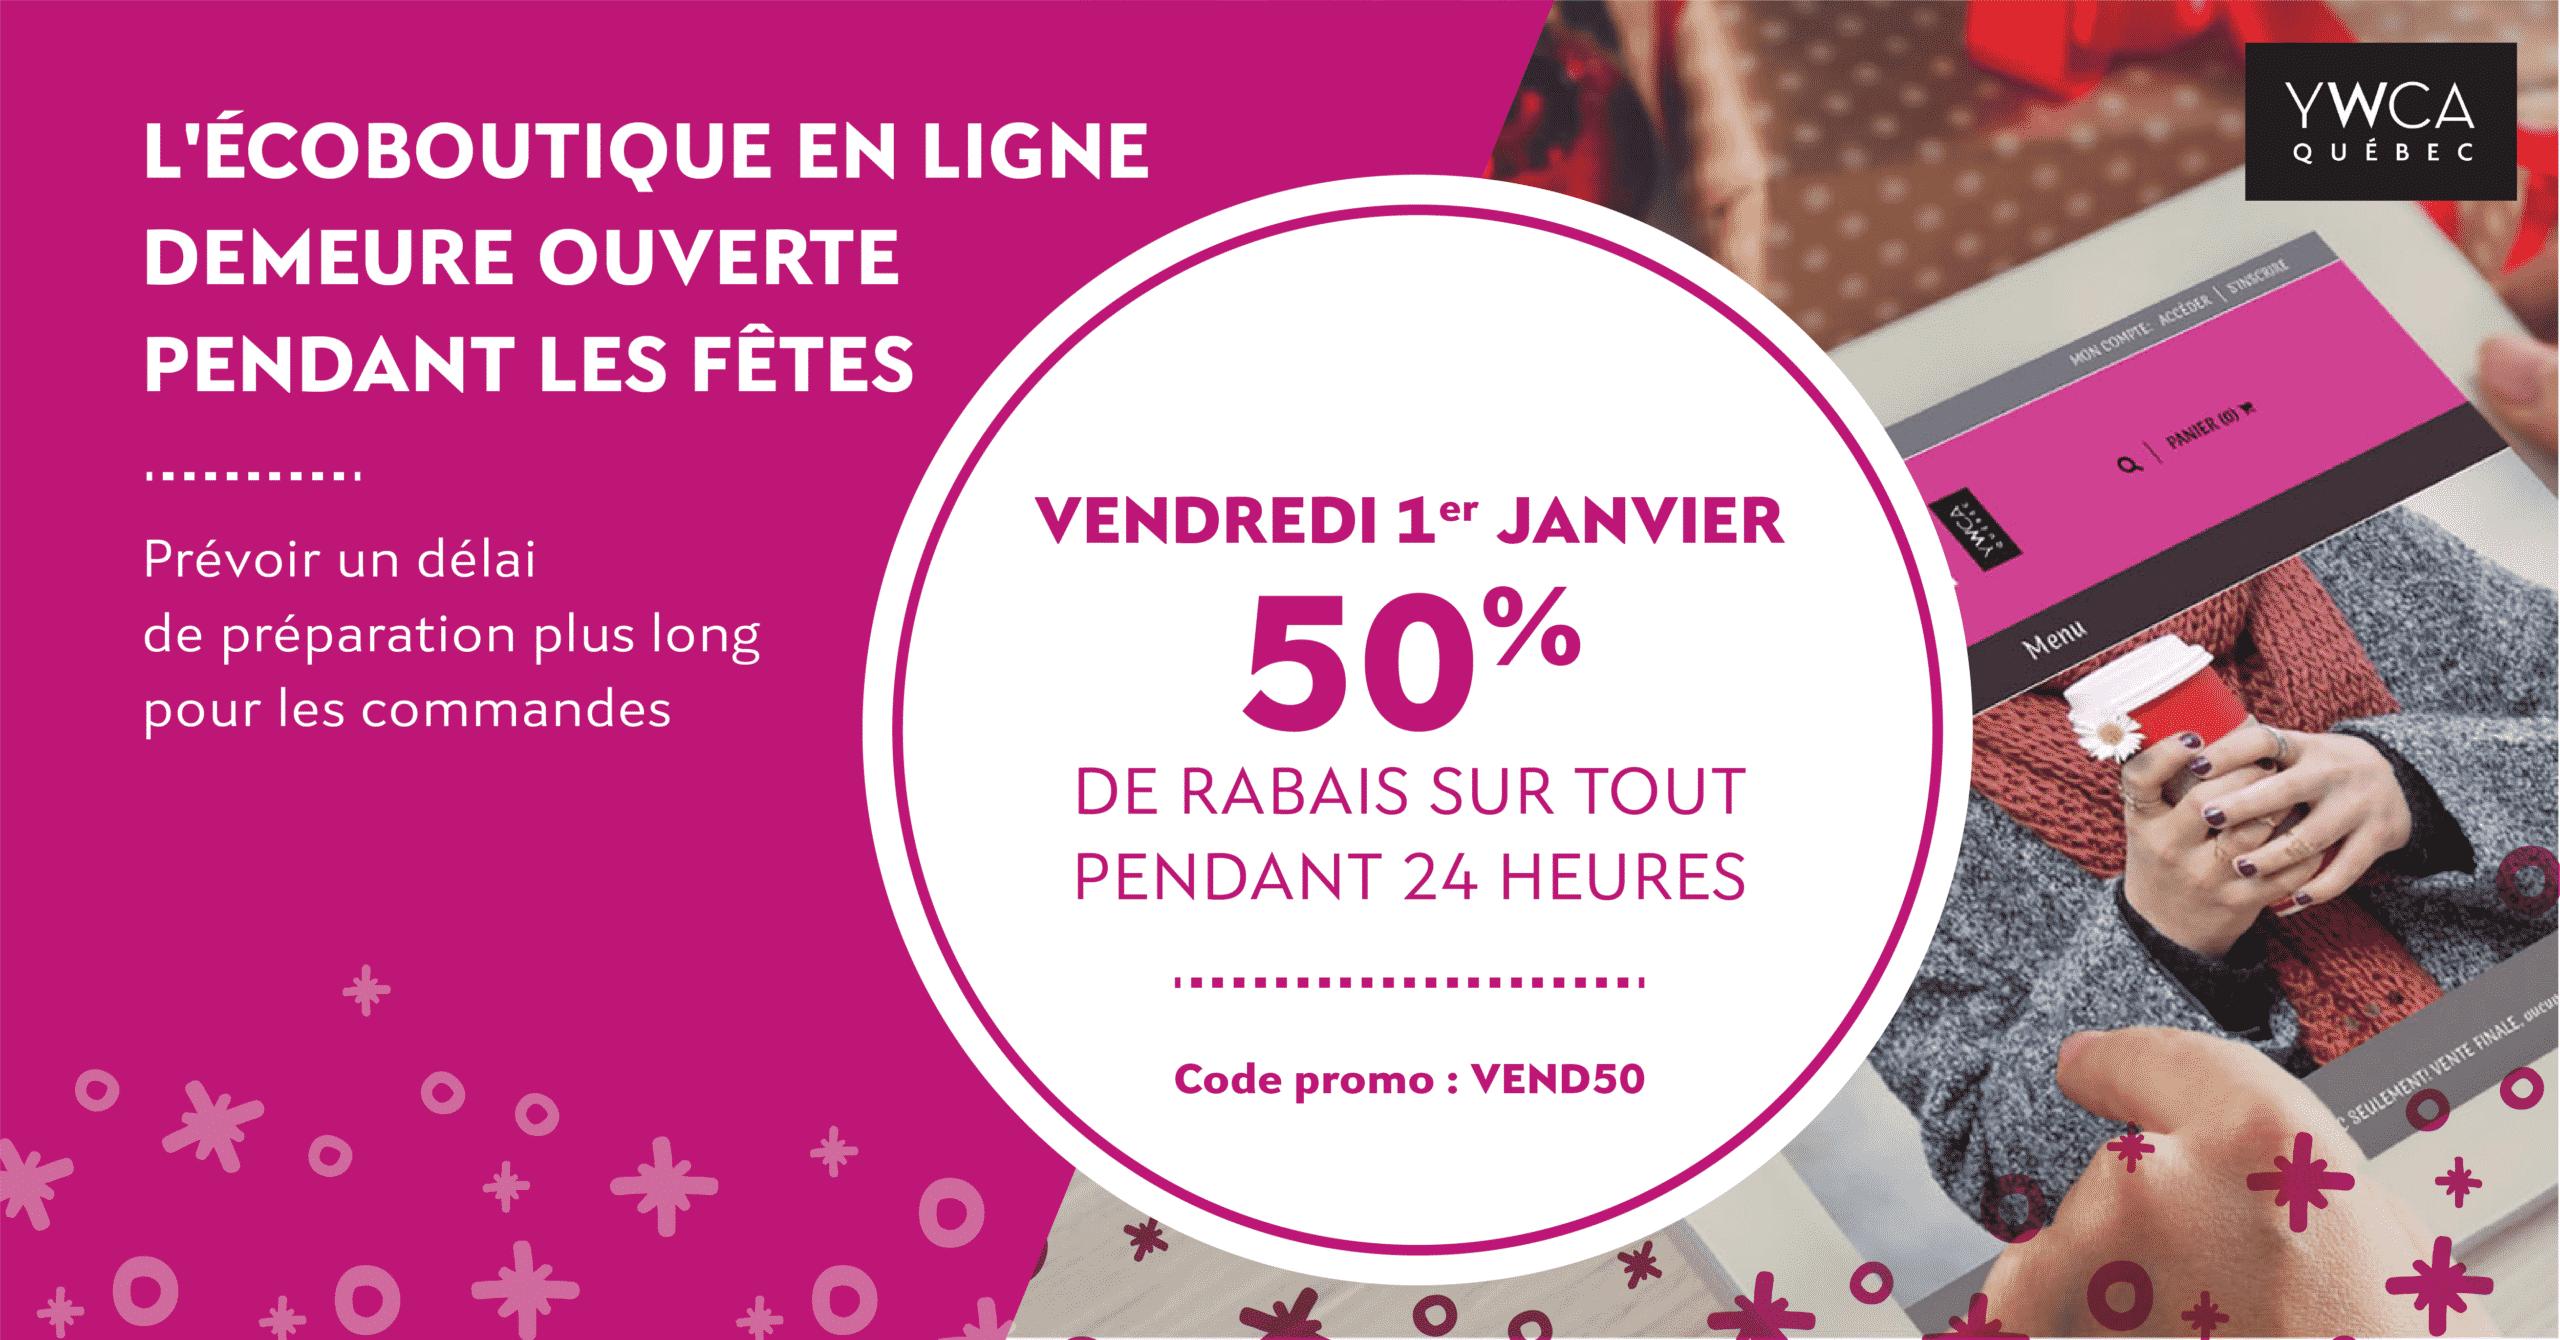 ywca_ecoboutiqueligne-ouvert_hiver2020_Facebook-04